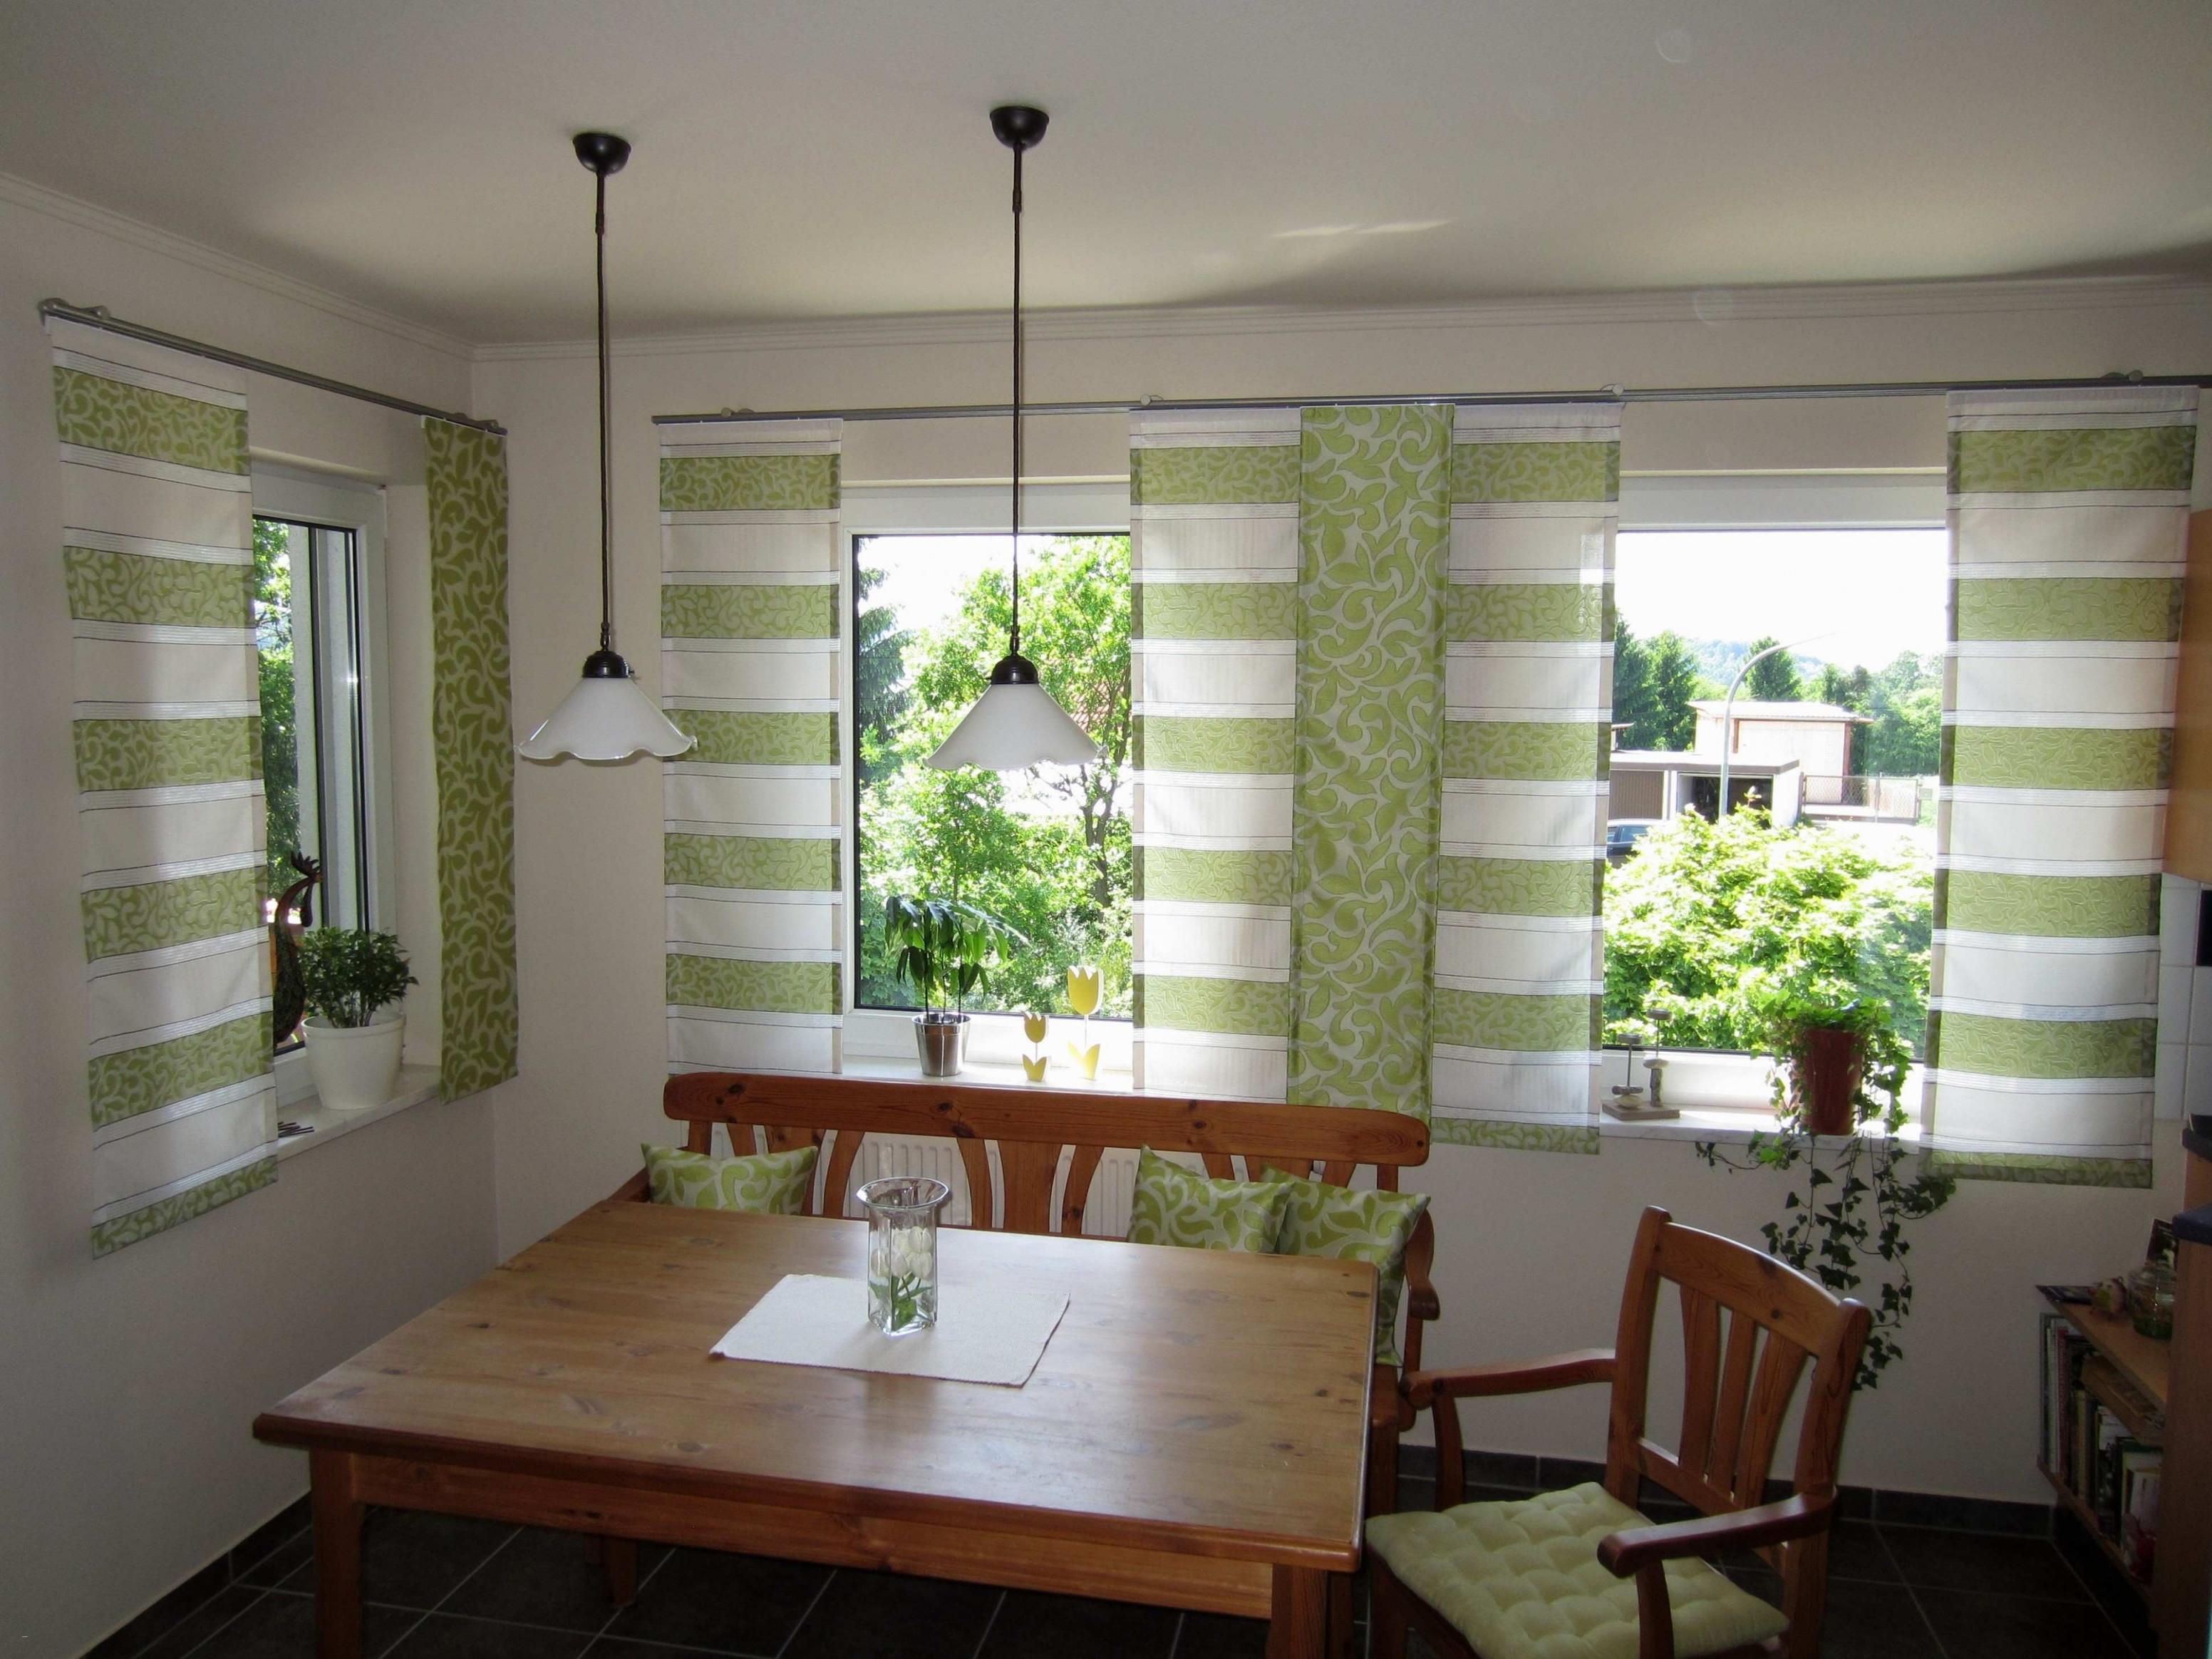 Gardinen Für Große Fenster Einzigartig Fenster Gardinen von Gardinen Für Große Fenster Wohnzimmer Bild